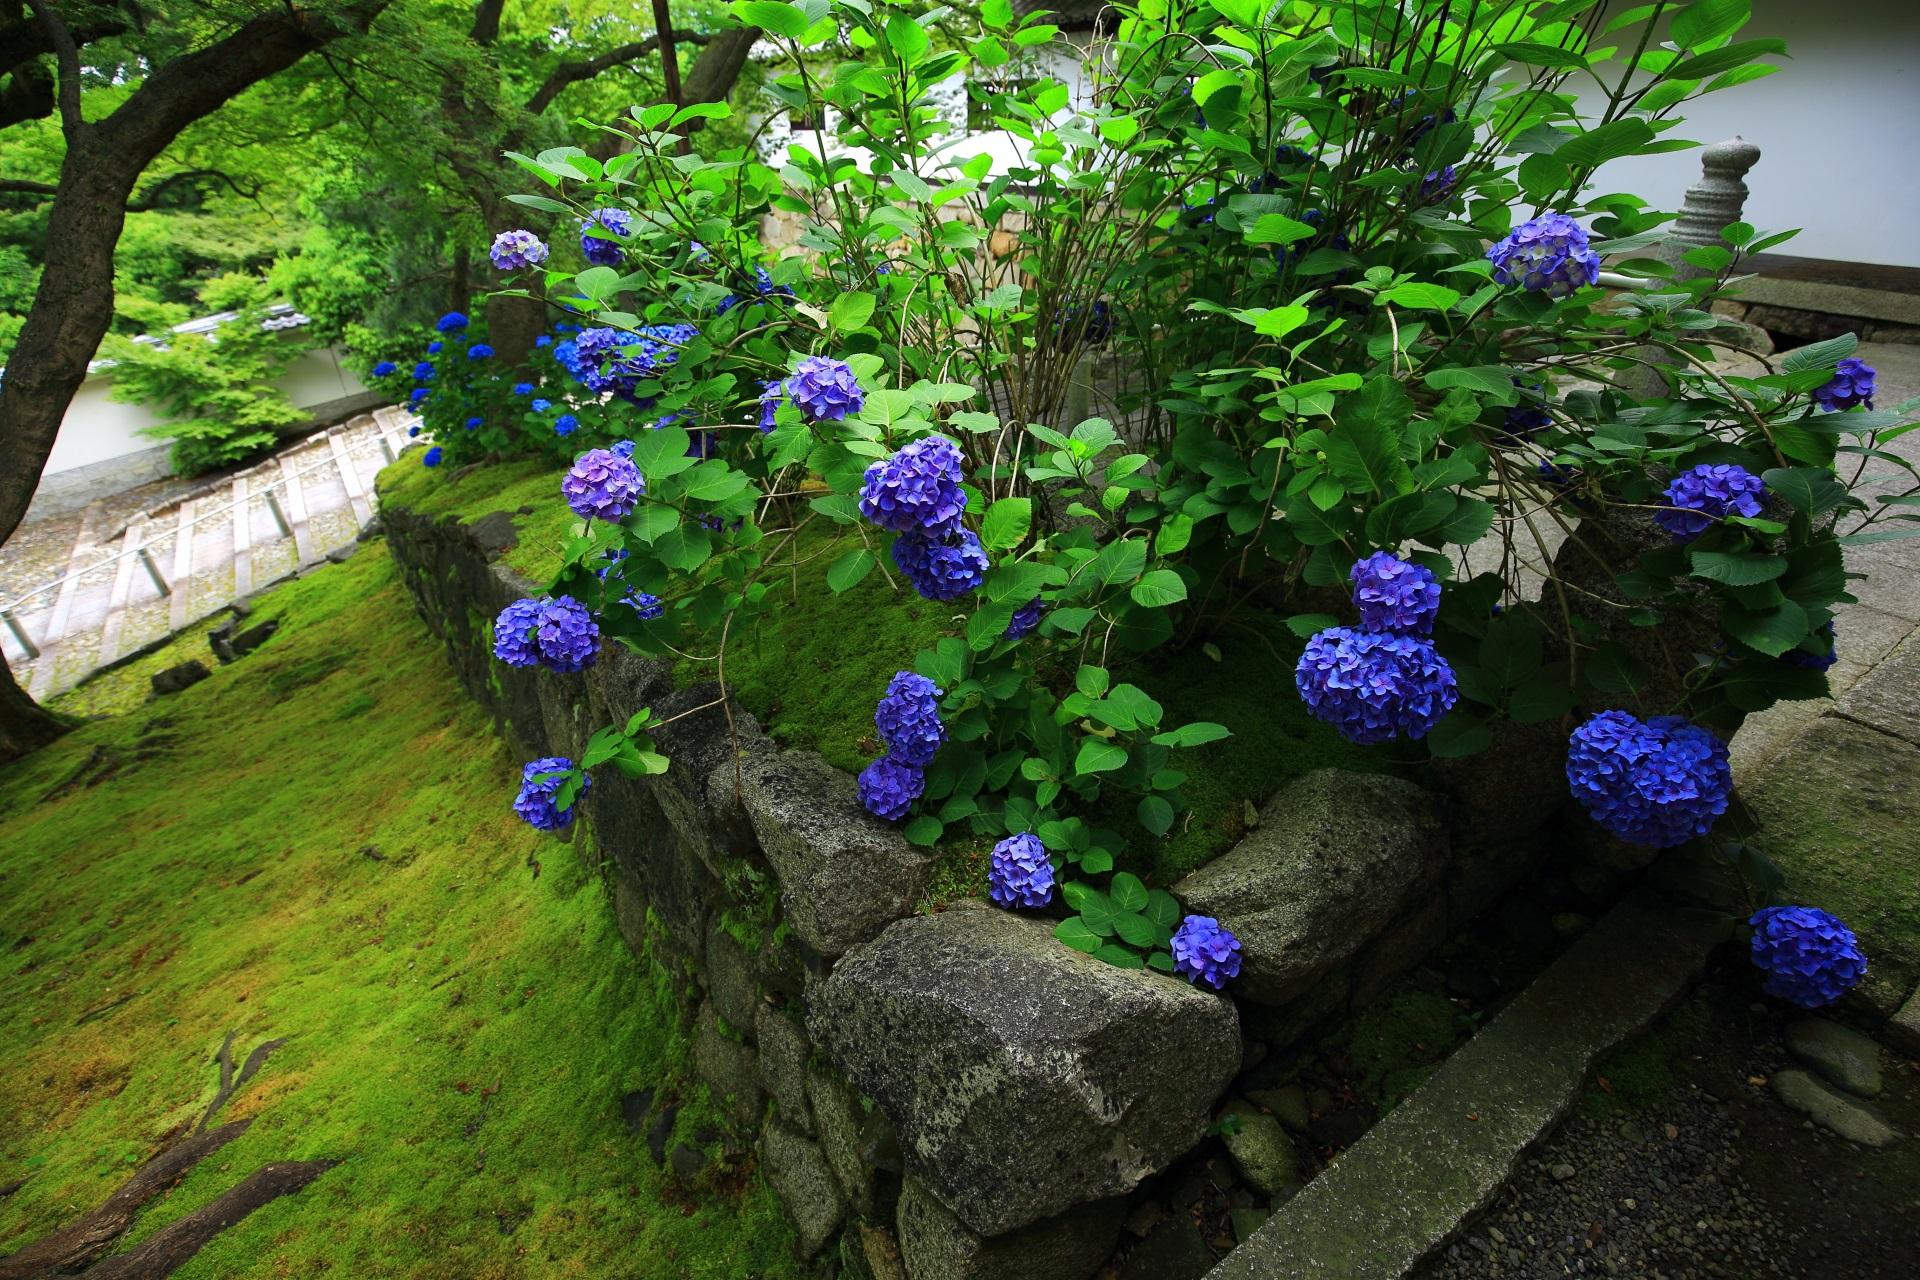 紫陽花の青と苔の緑との綺麗なコントラスト